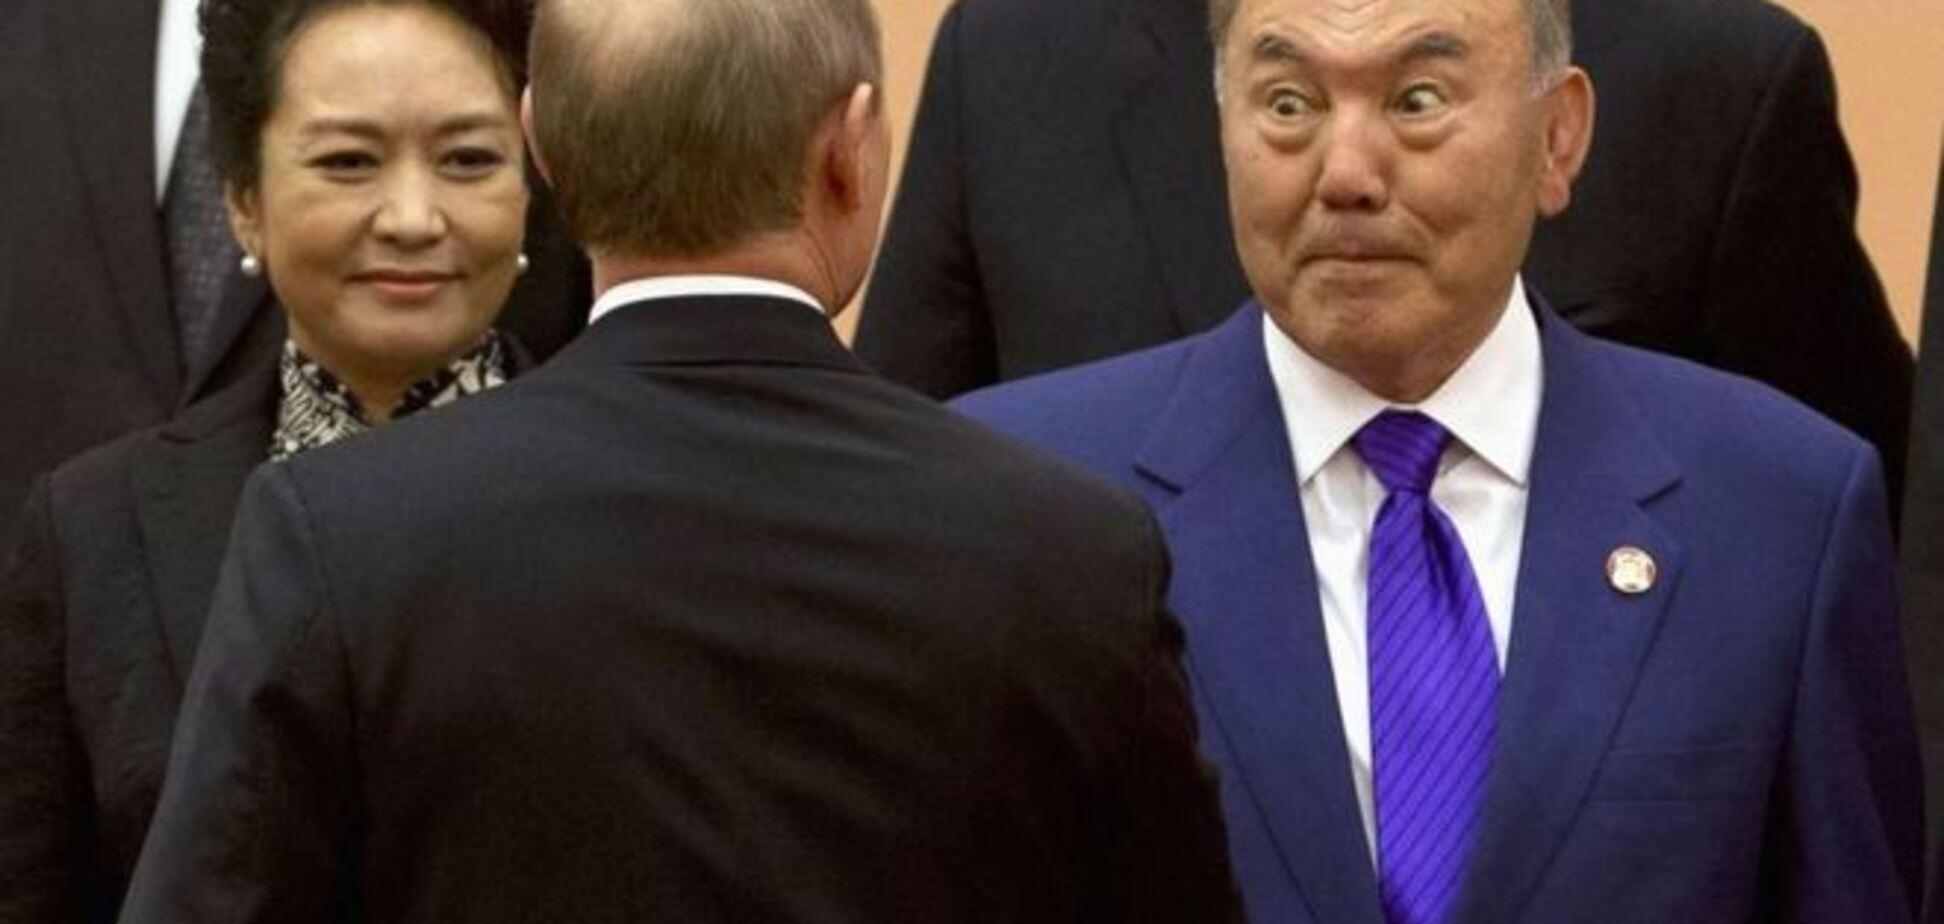 РФ запускает пропаганду о 'геноциде' россиян в Казахстане: на подходе 'зеленые человечки' - СМИ